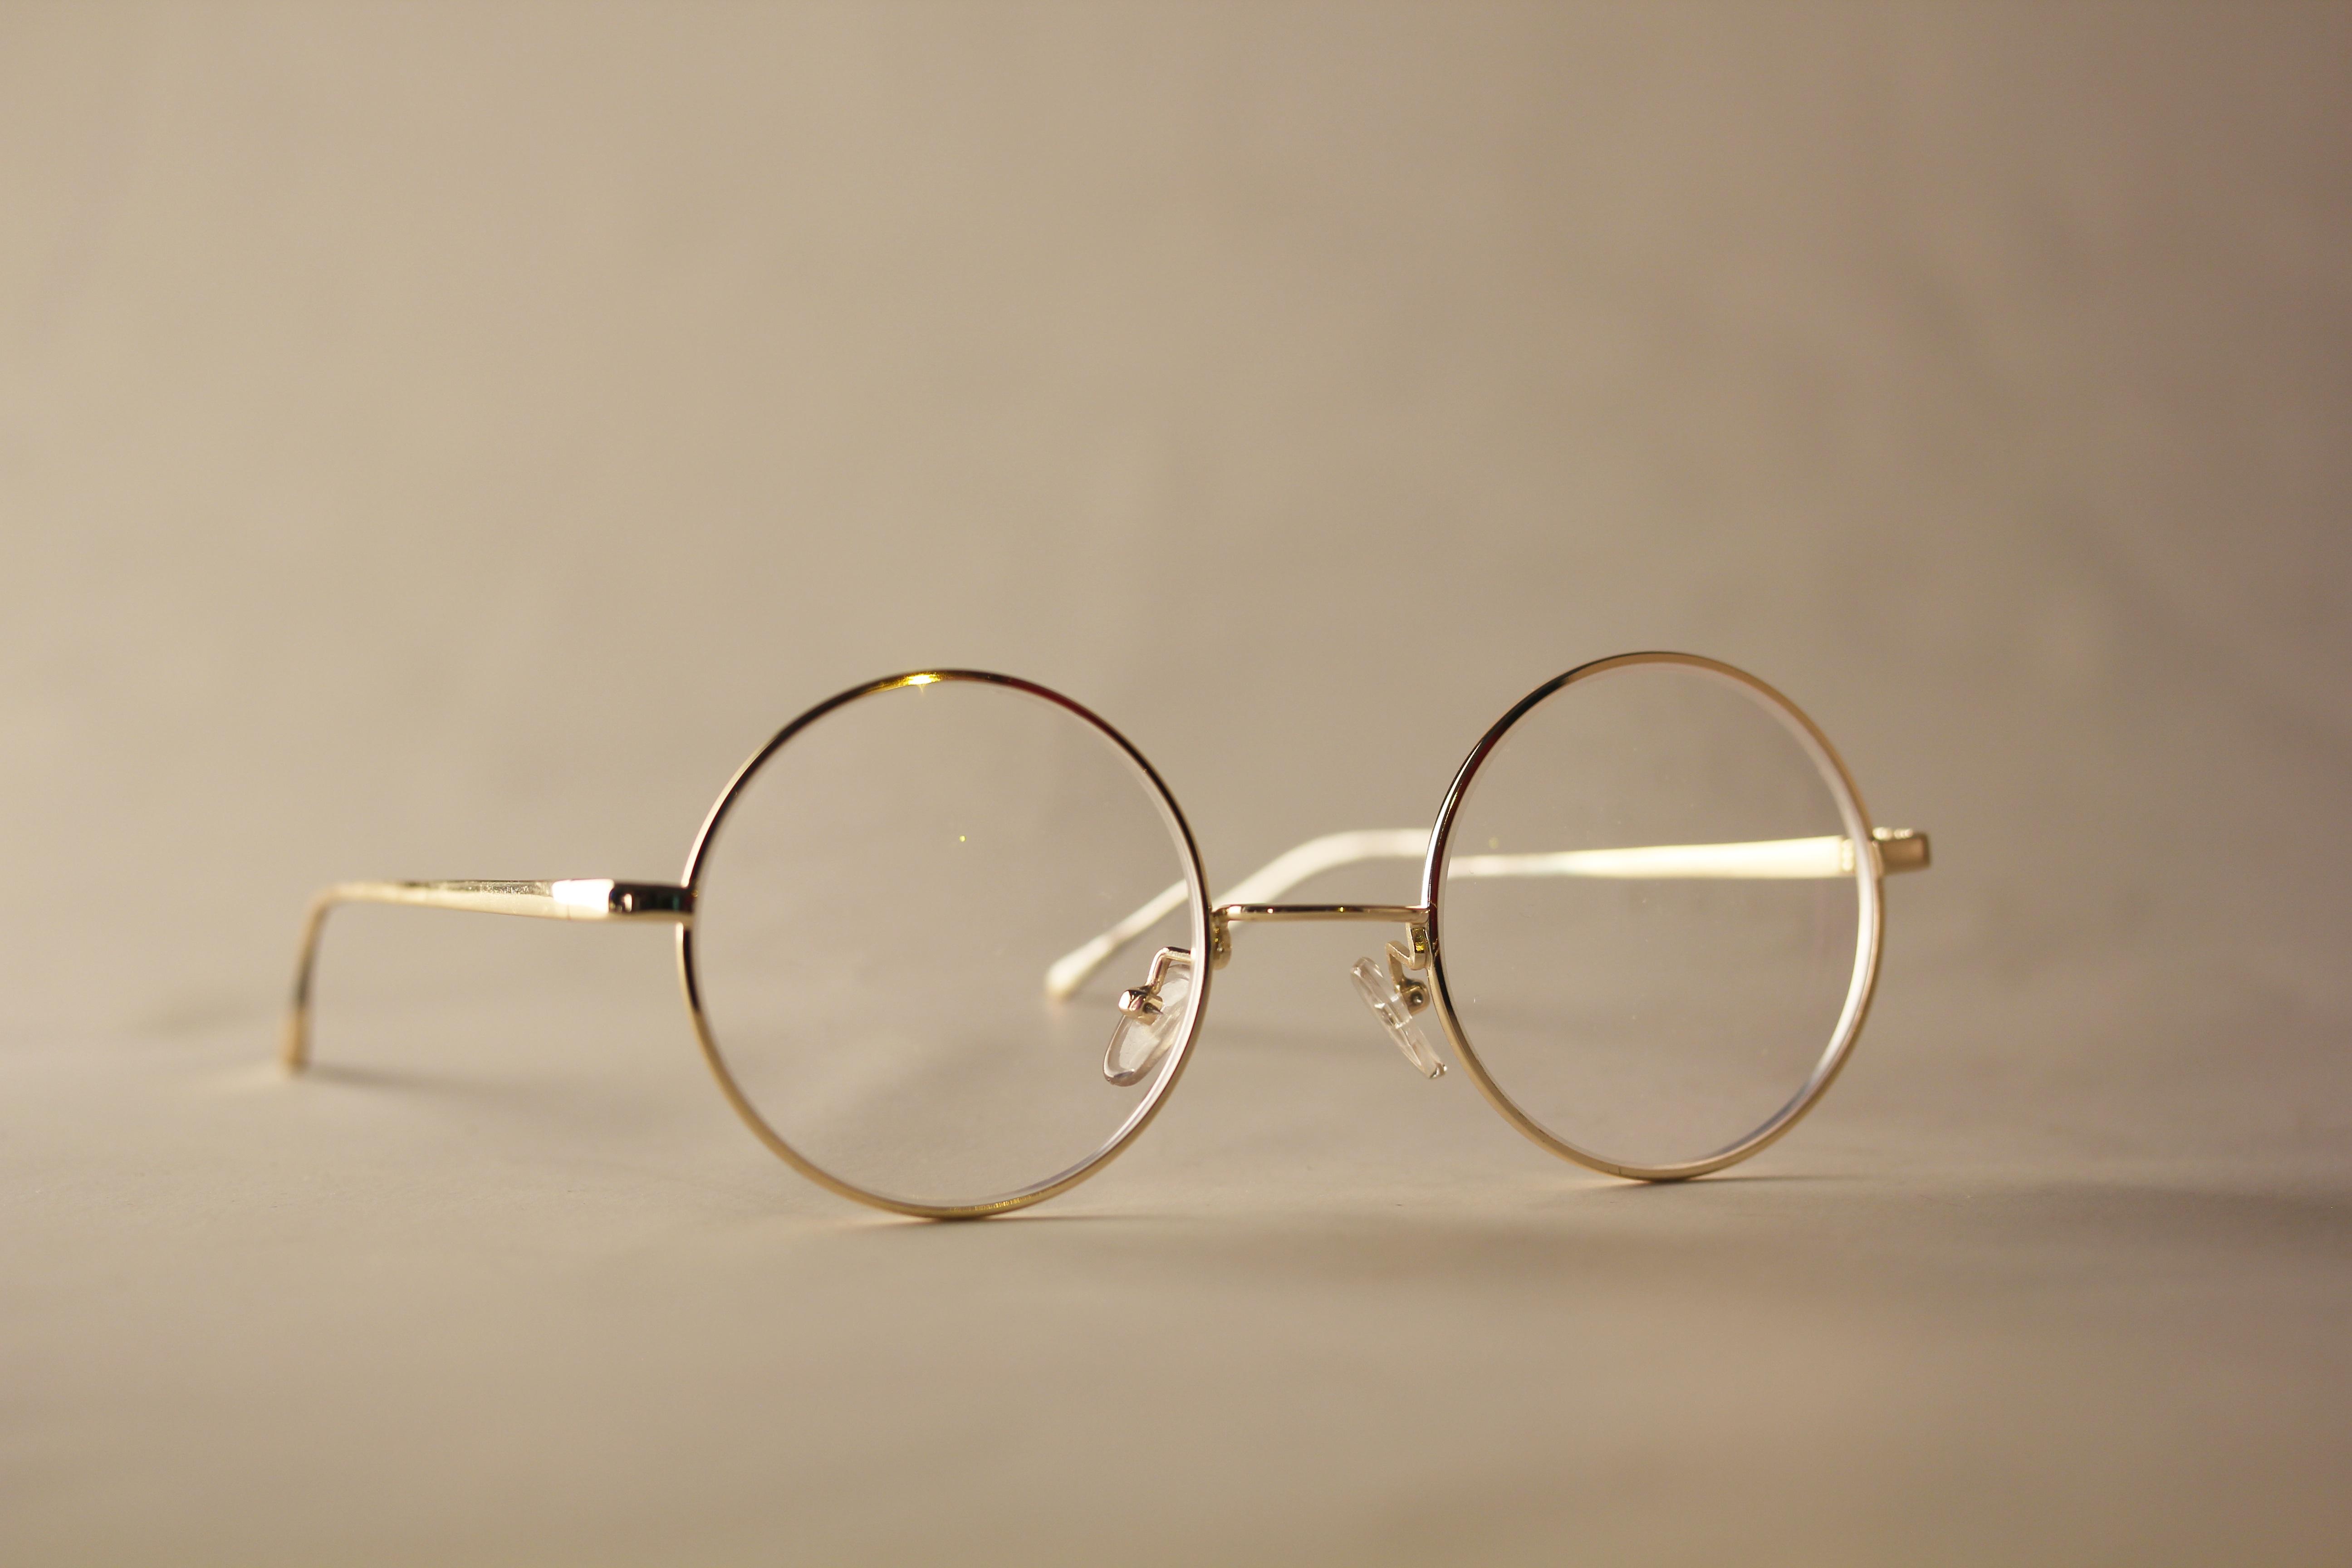 f9b43818f4e5 retro cirkel guld solbriller briller briller mode tilbehør vision pleje